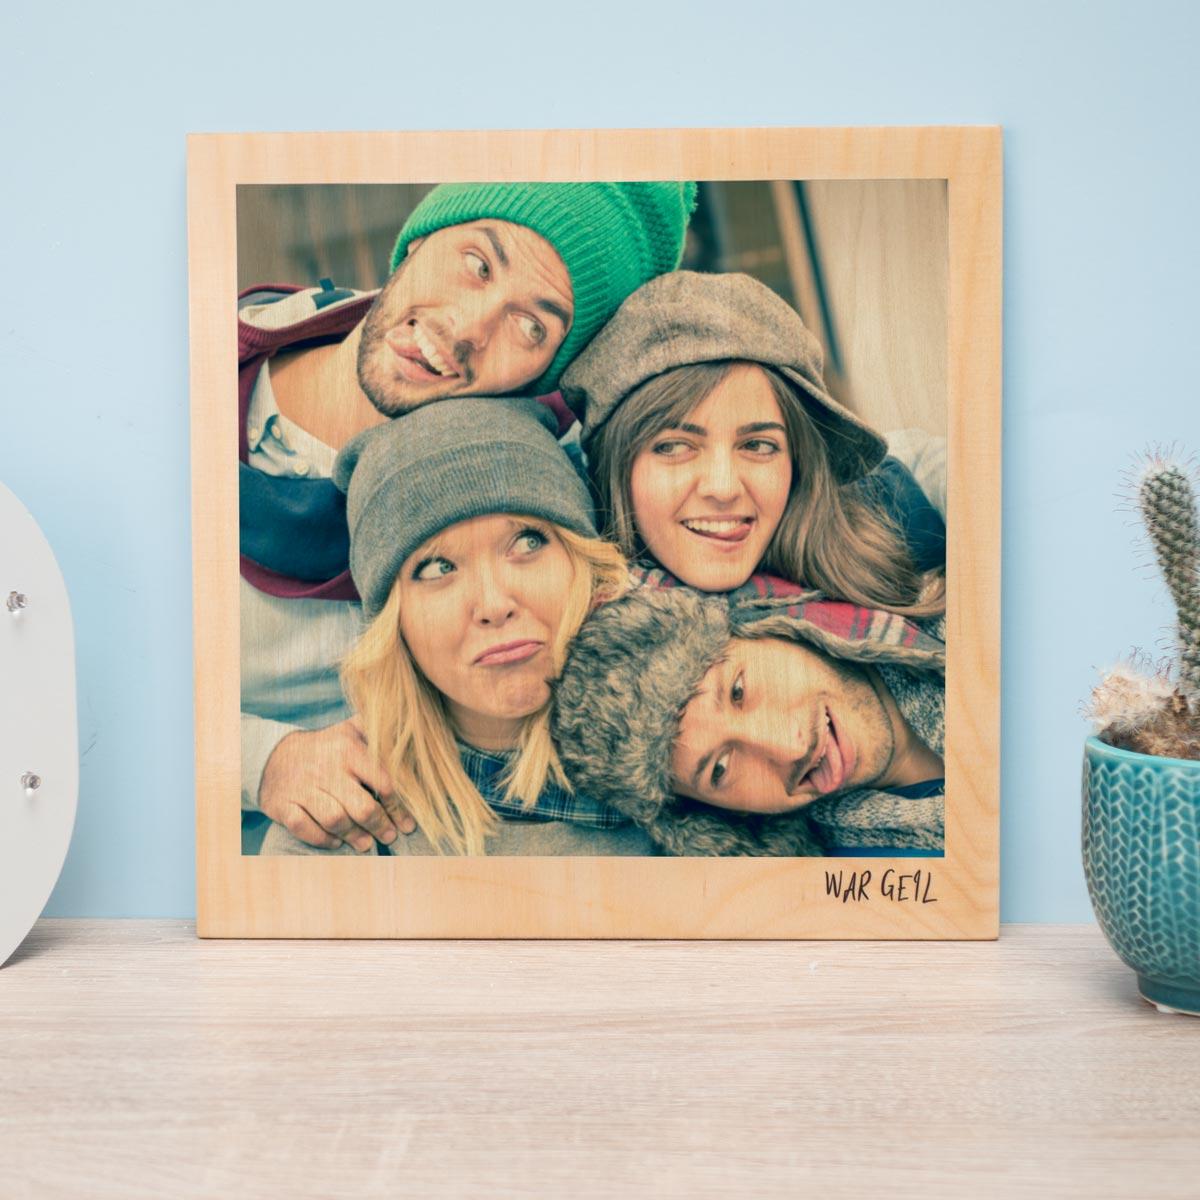 Weihnachtsgeschenke personalisierbares holzbild im polaroid look mit foto und text